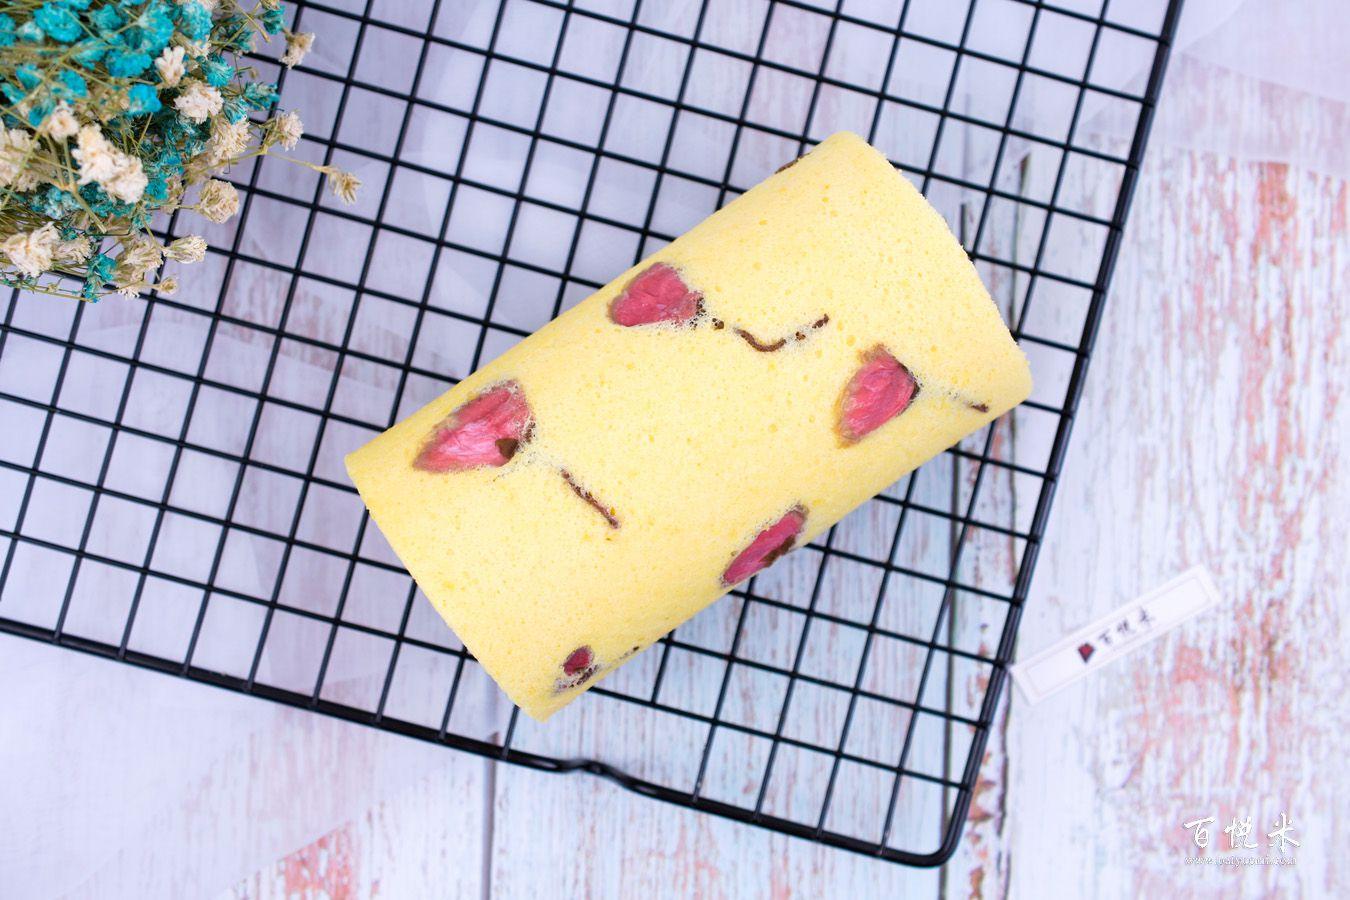 樱花蛋糕卷的做法大全,樱花蛋糕卷培训怎么做